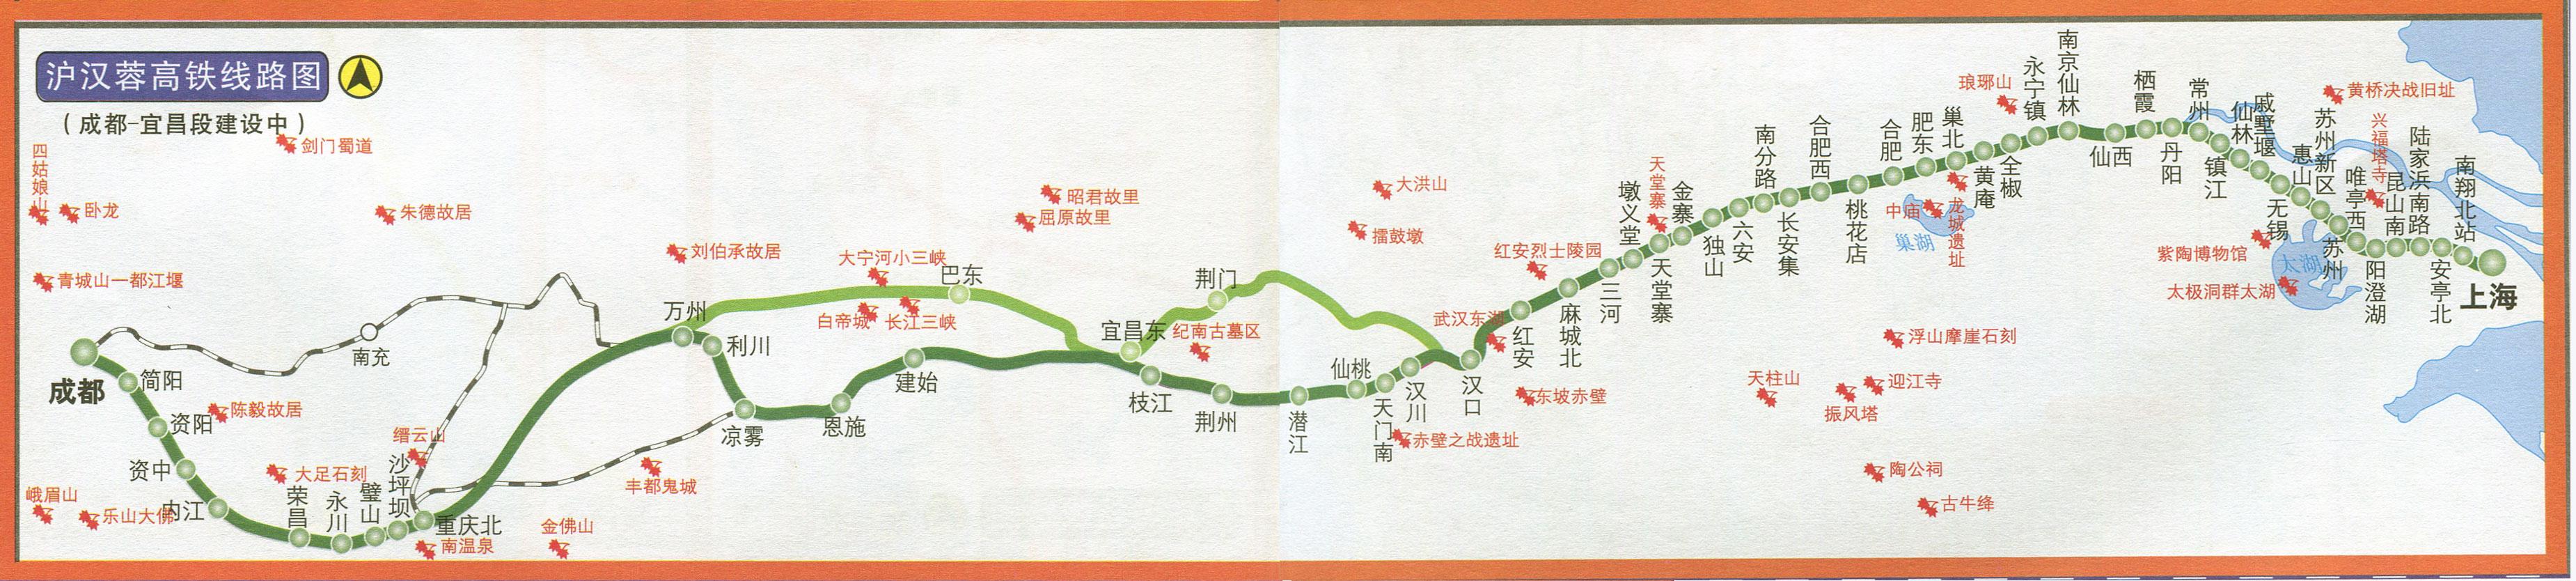 沪汉蓉高铁线路图